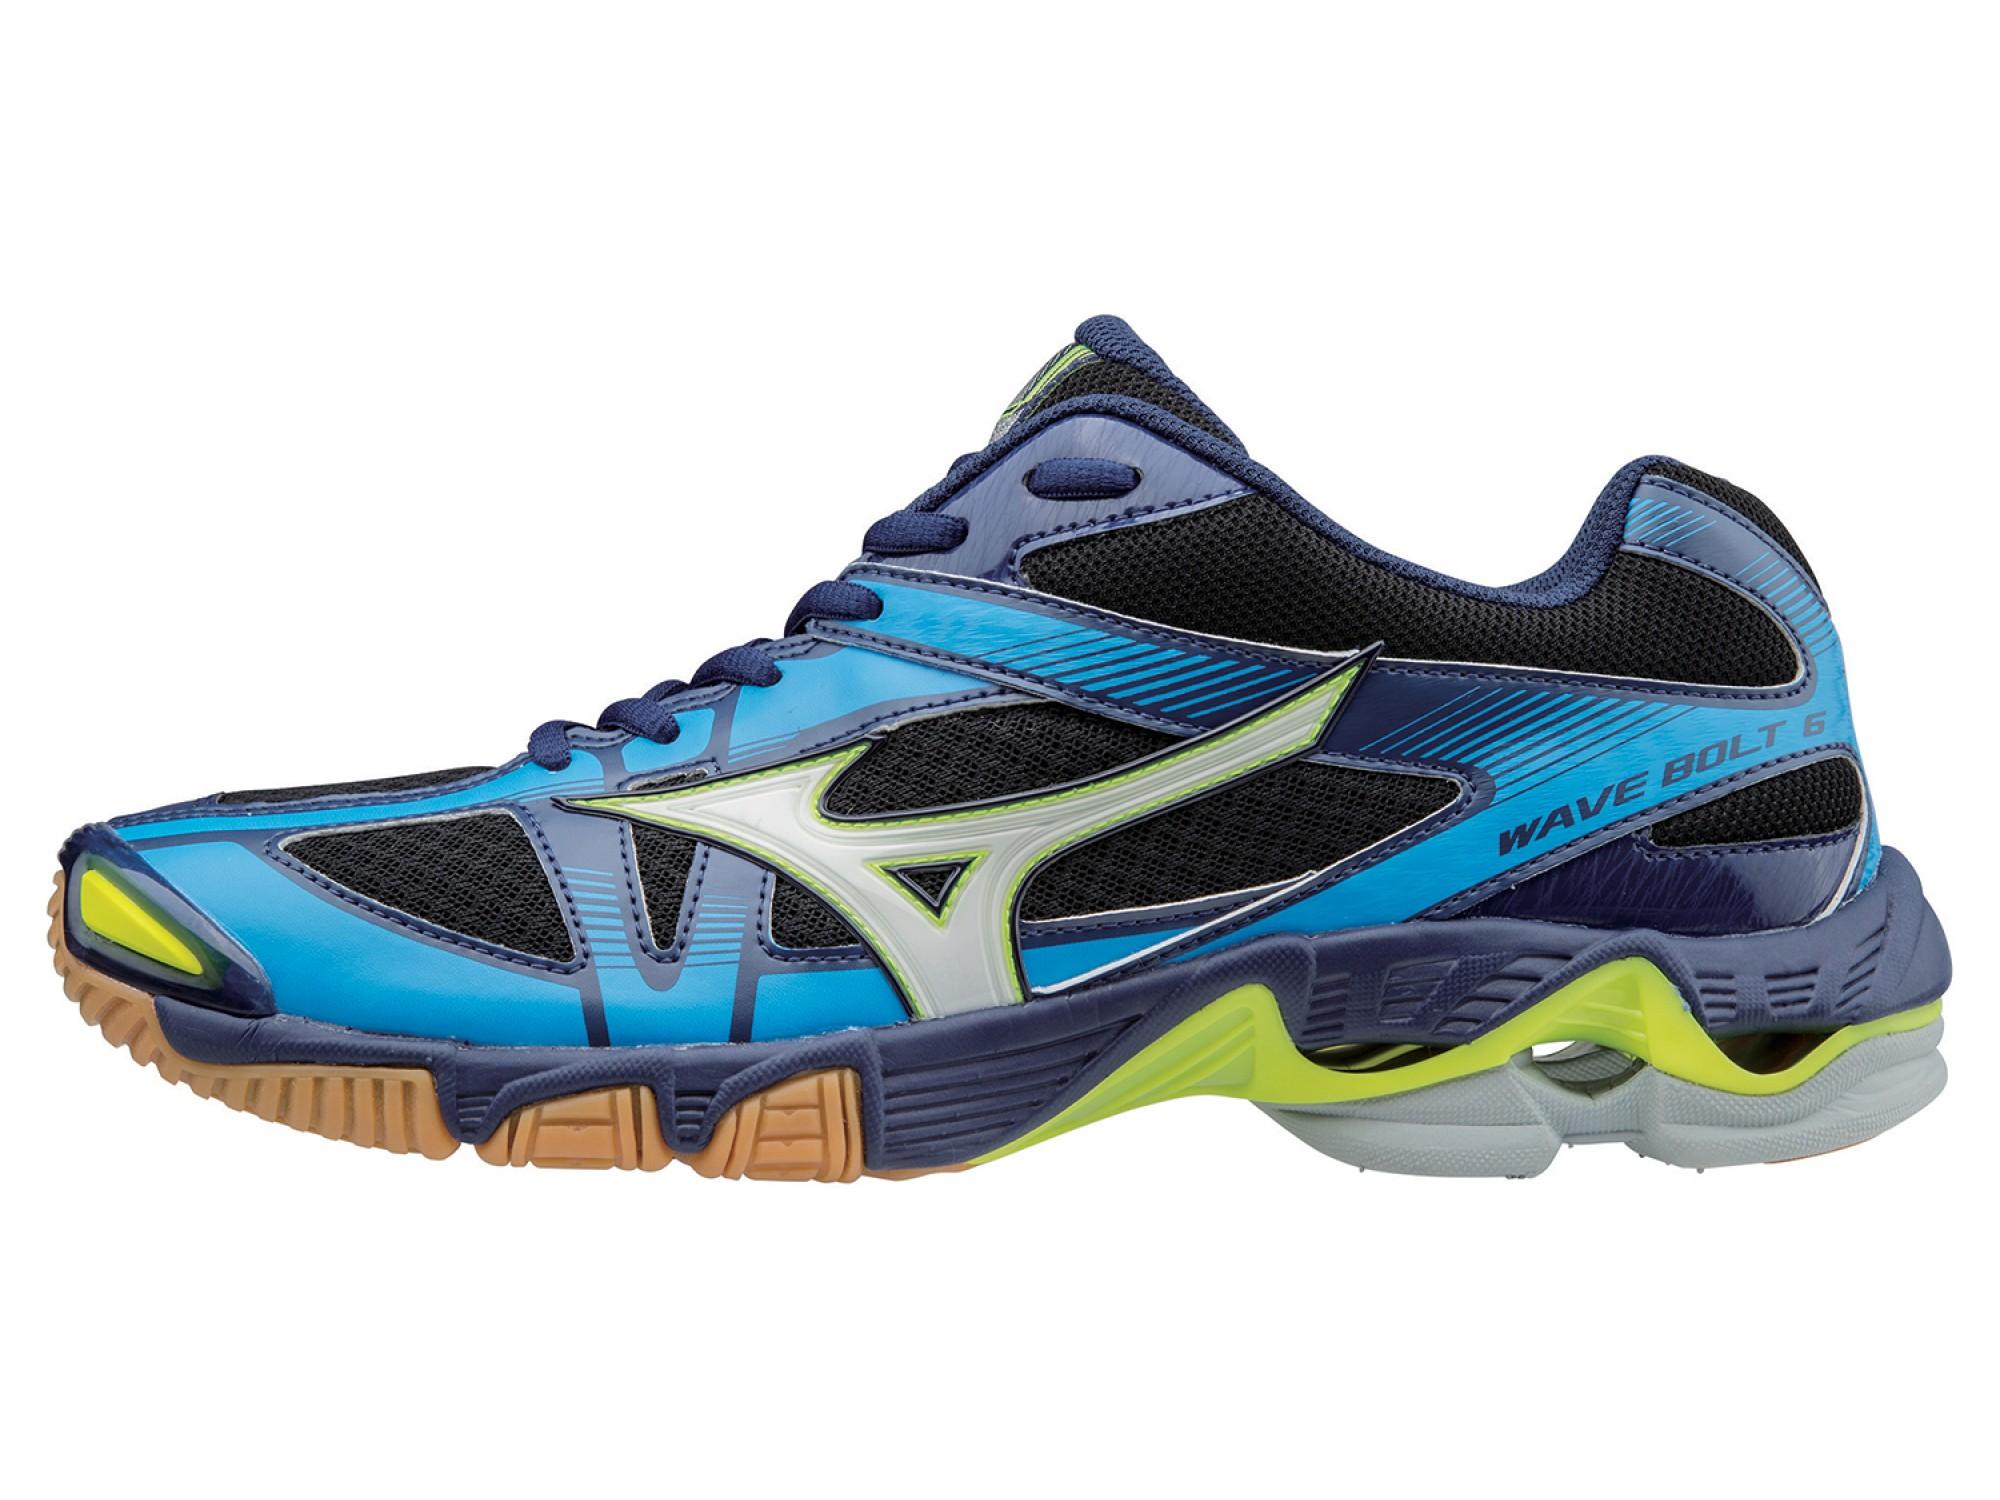 Mizuno Wave Bolt 6 Волейбольные кроссовки V1GA1760-71 купить в ... 2e6c089d988